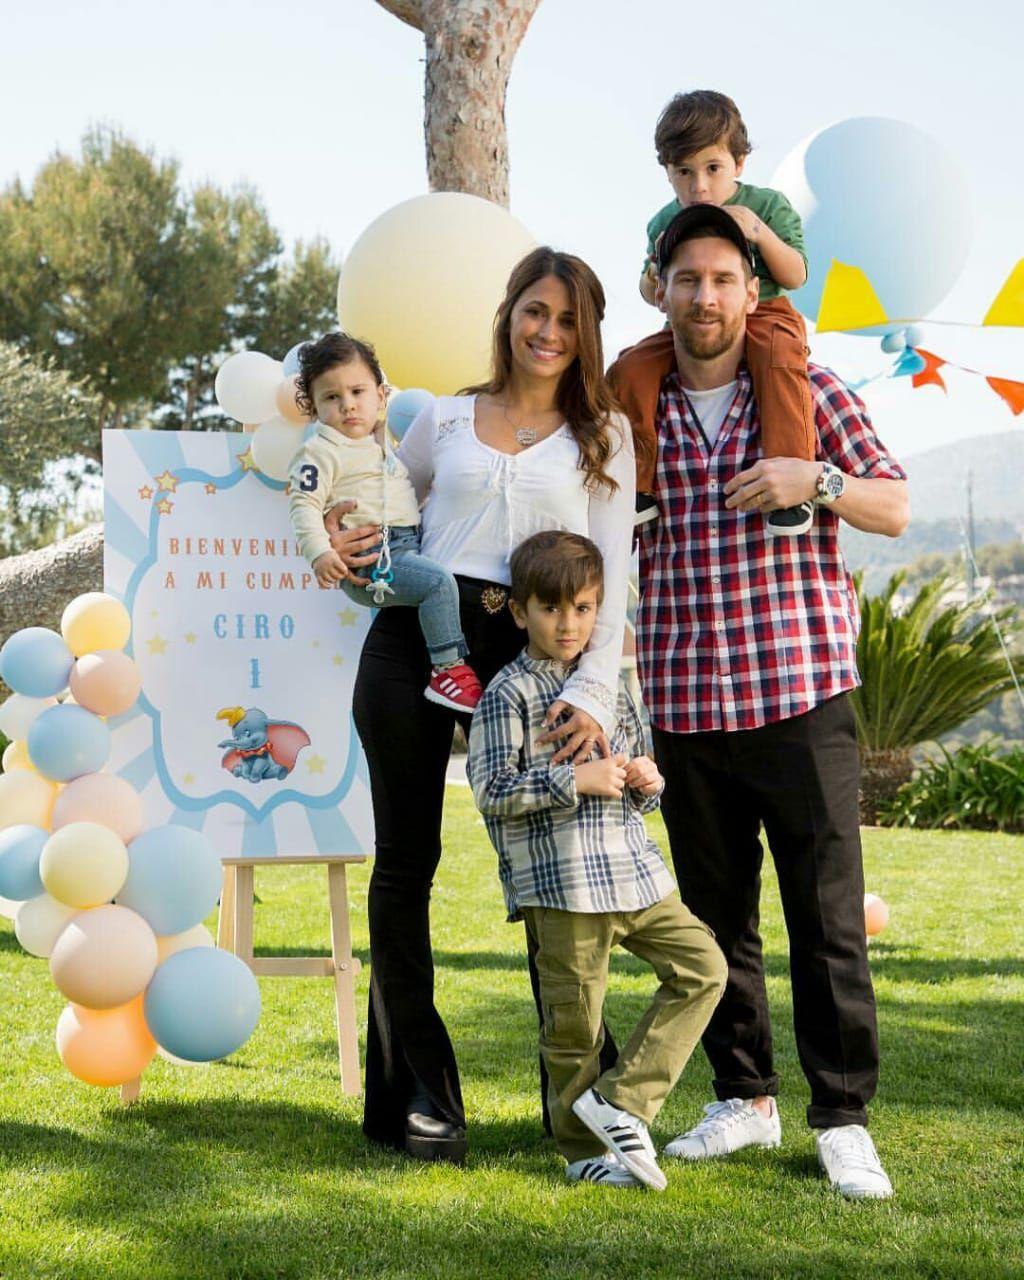 Ciro Messi Roccuzzo : messi, roccuzzo, Birthday, Celebration, Lionel, Messi, Family,, Messi,, Barcelona